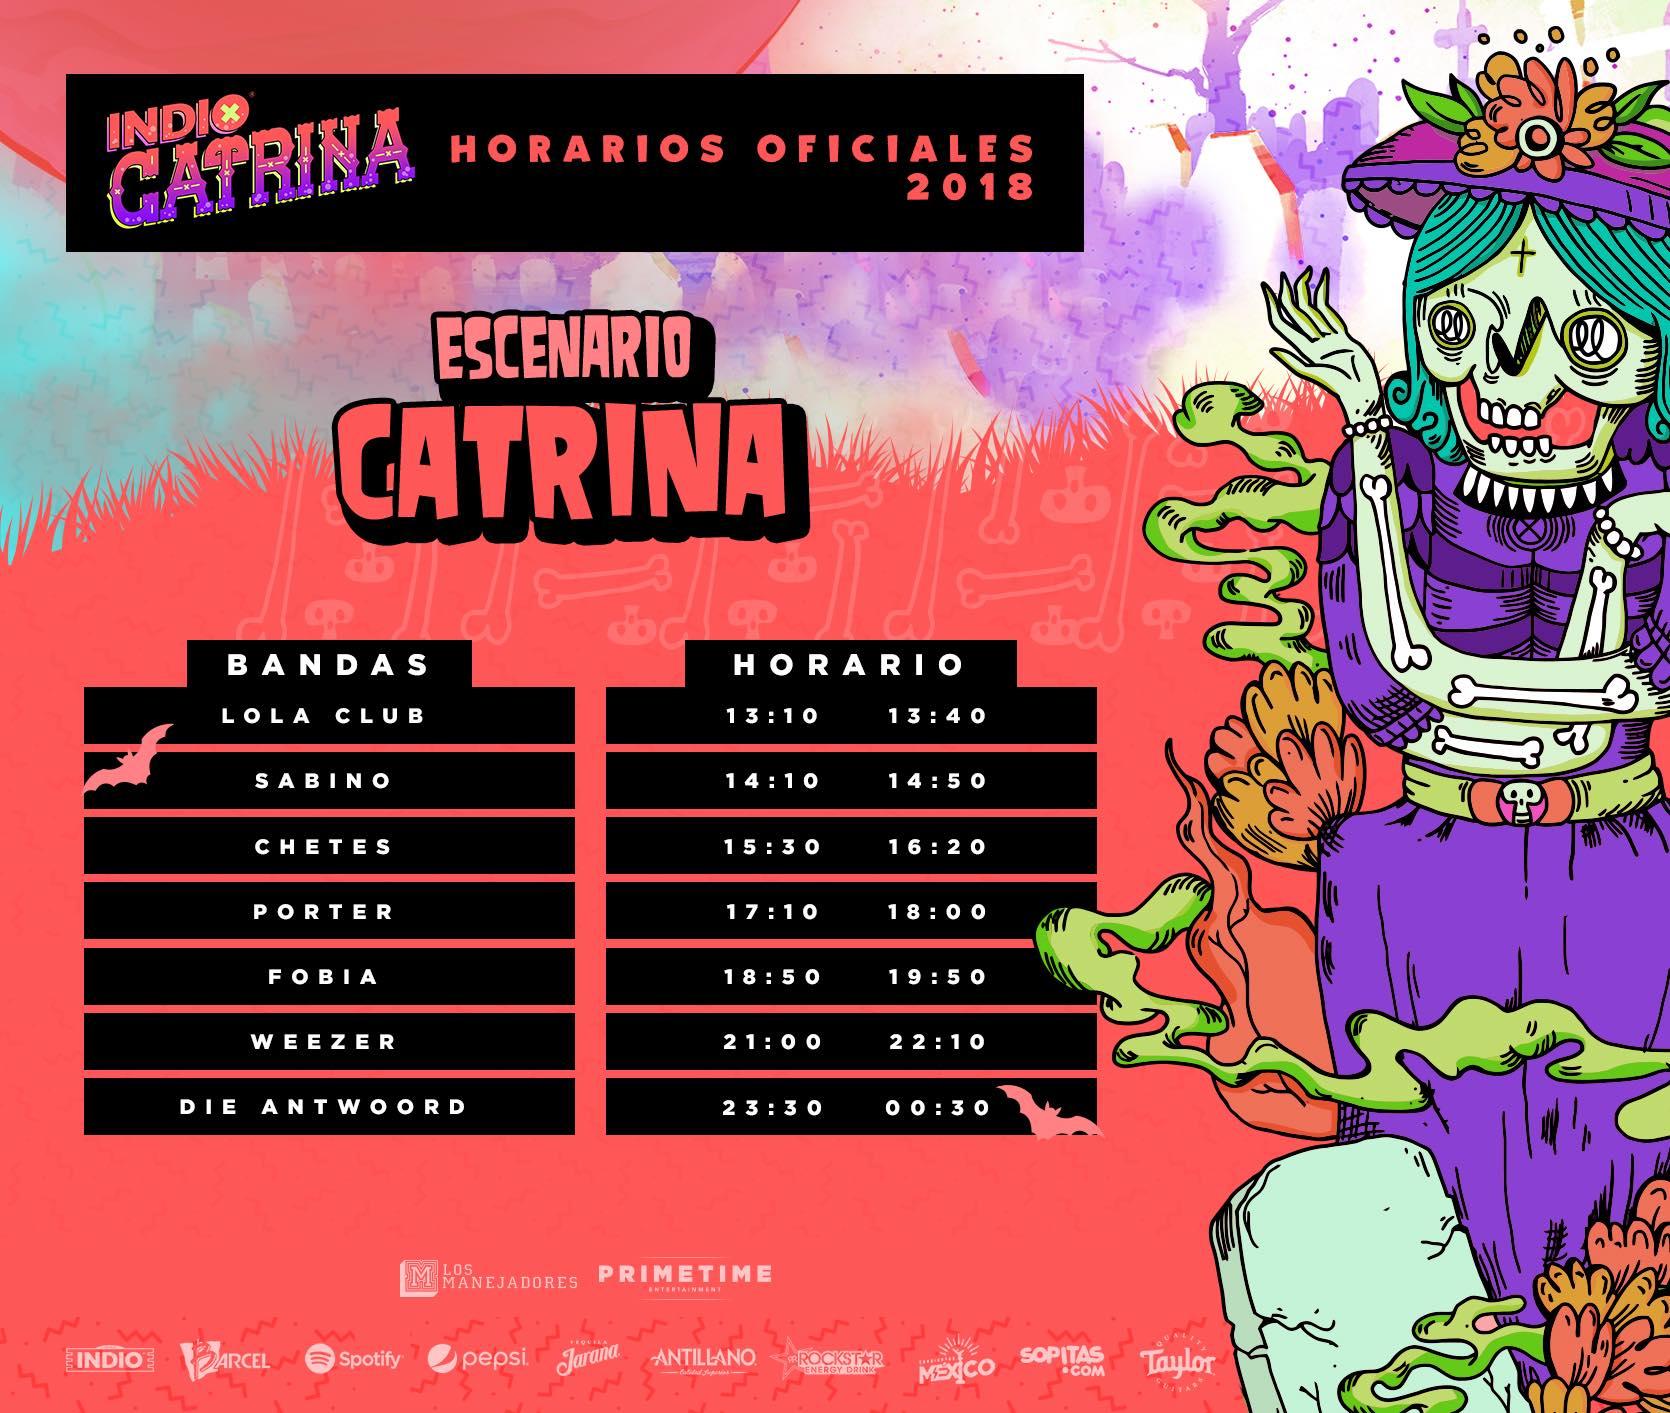 ¿Listos para rockear? ¡Ya están los horarios del Festival Catrina 2018!